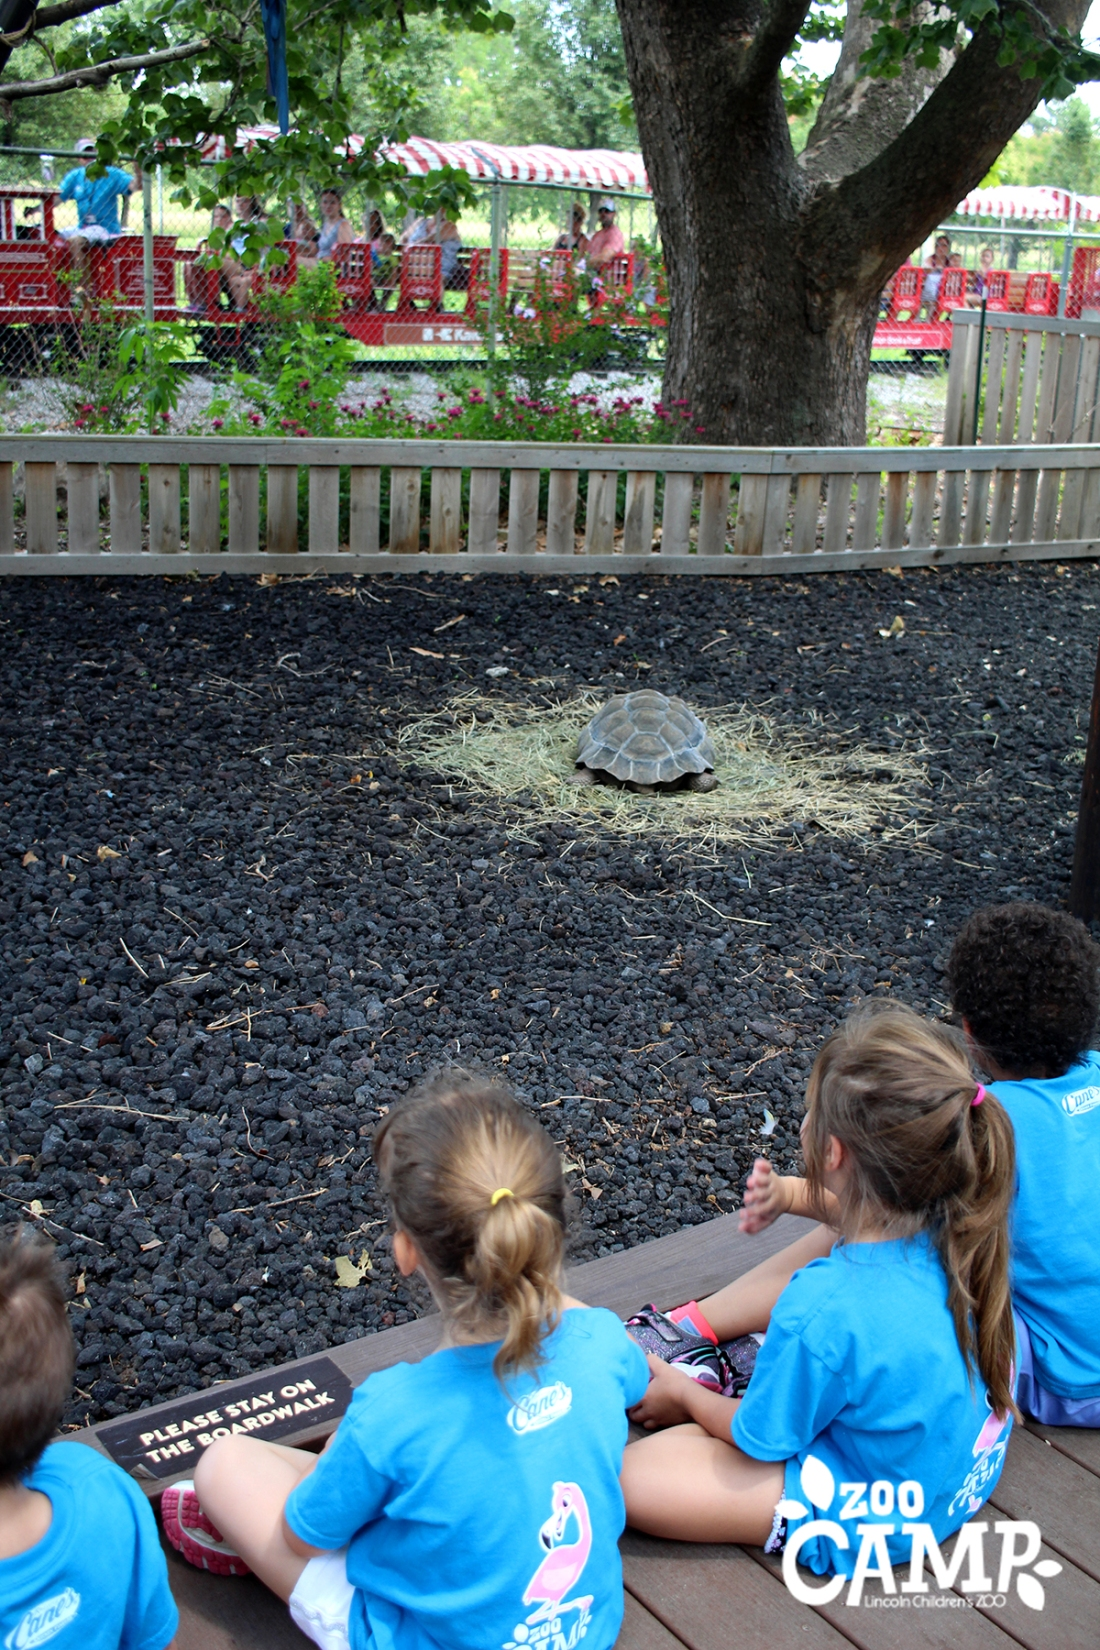 Camp_tortoise trek_4-5_2590 copy.jpg